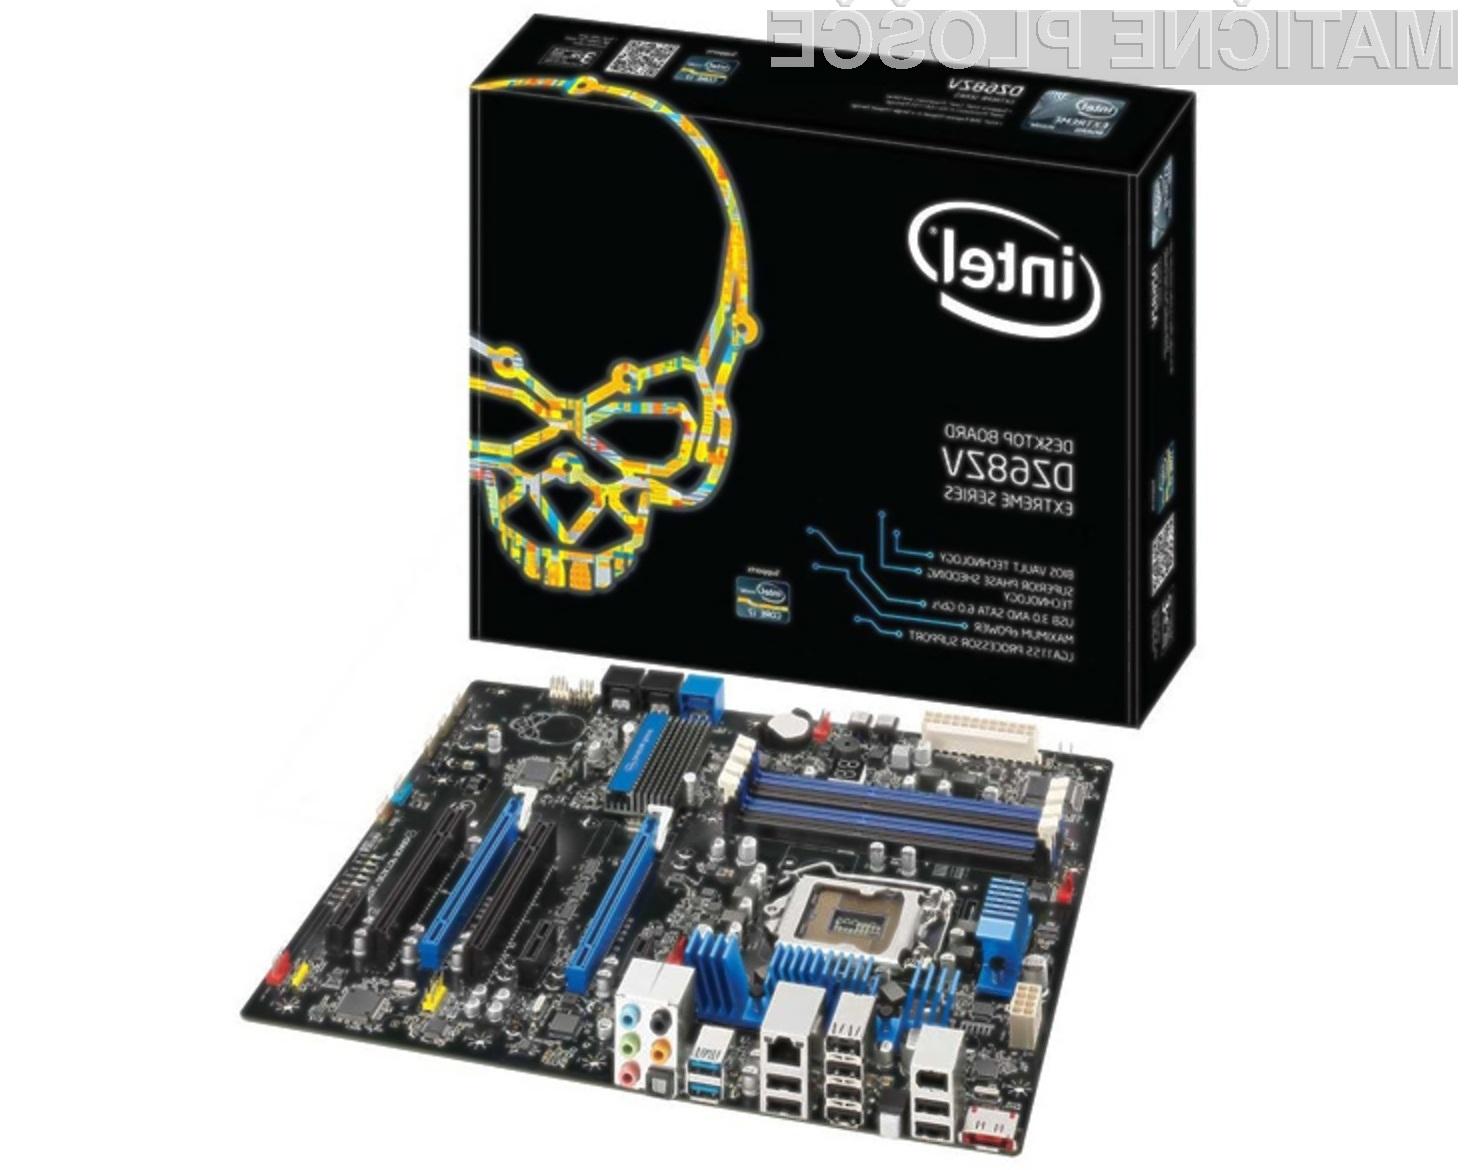 Osnovnih plošč podjetja Intel za osebne računalnike kmalu ne bo več na trgu!